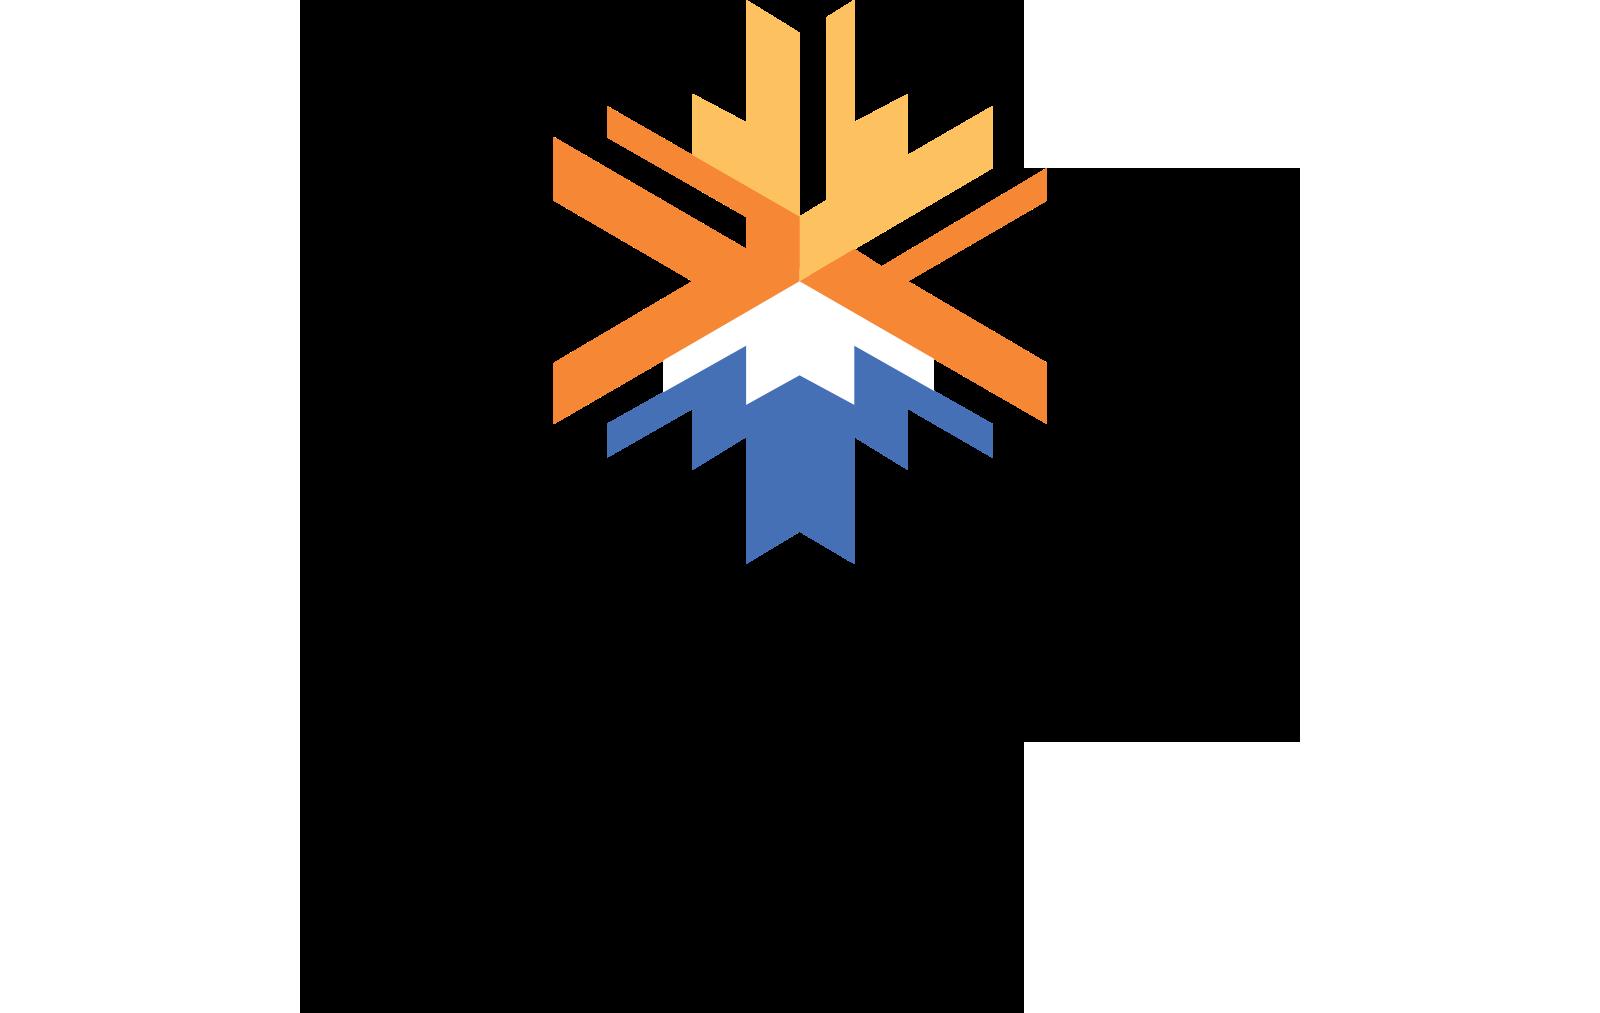 Salt Lake City – Jeux olympiques d'hiver 2002